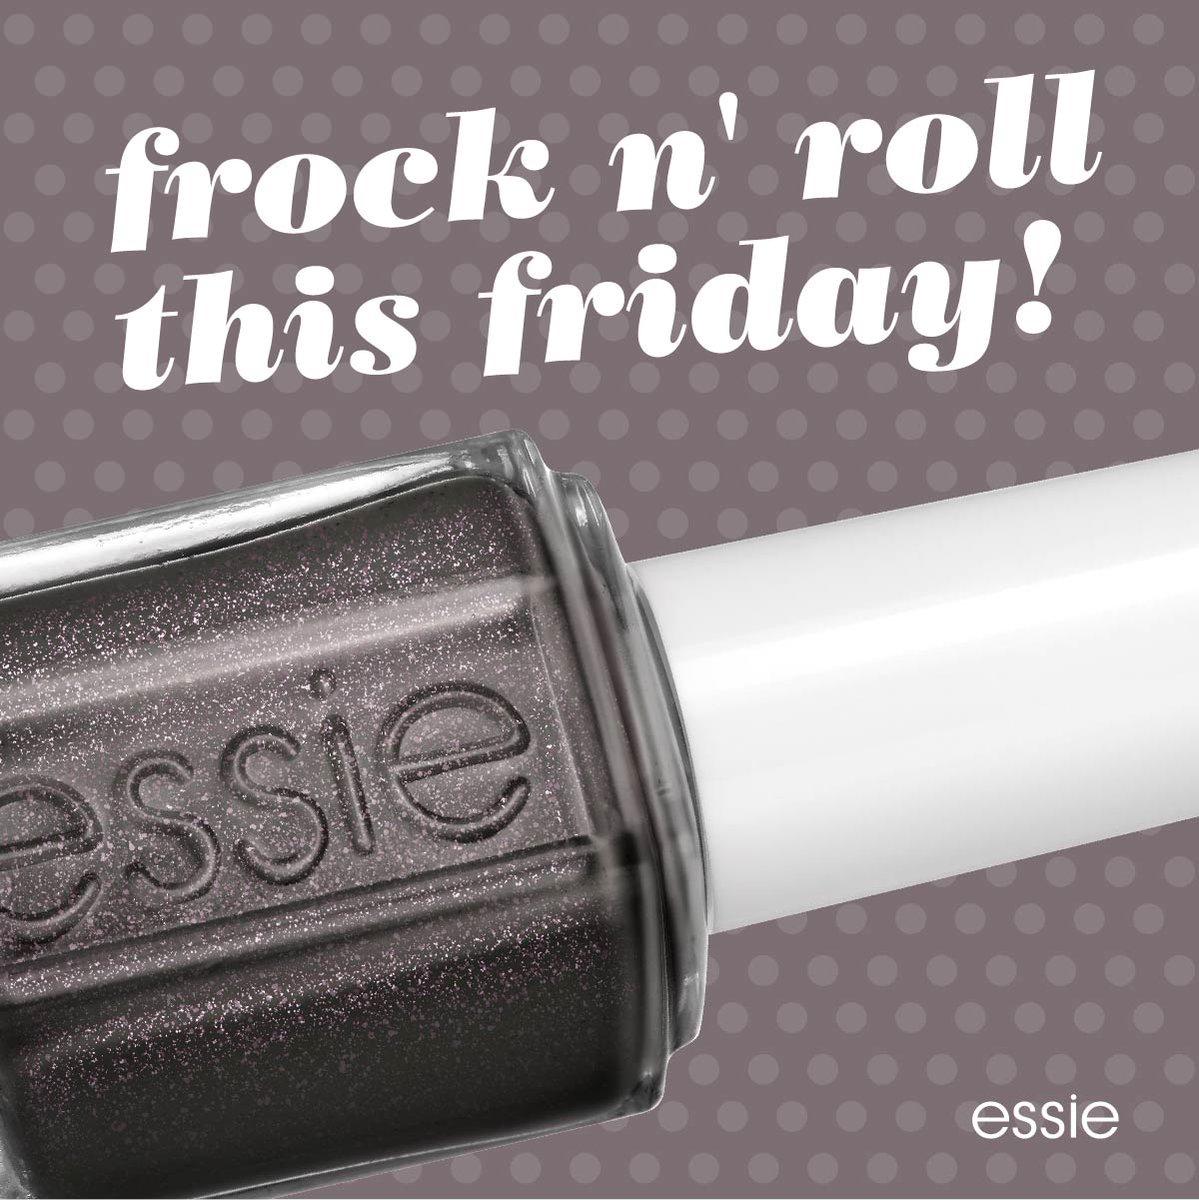 ¡Ya es viernes y es momento de frock n' roll! #essie #FridayFeeling https://t.co/PiMGn5nMyH